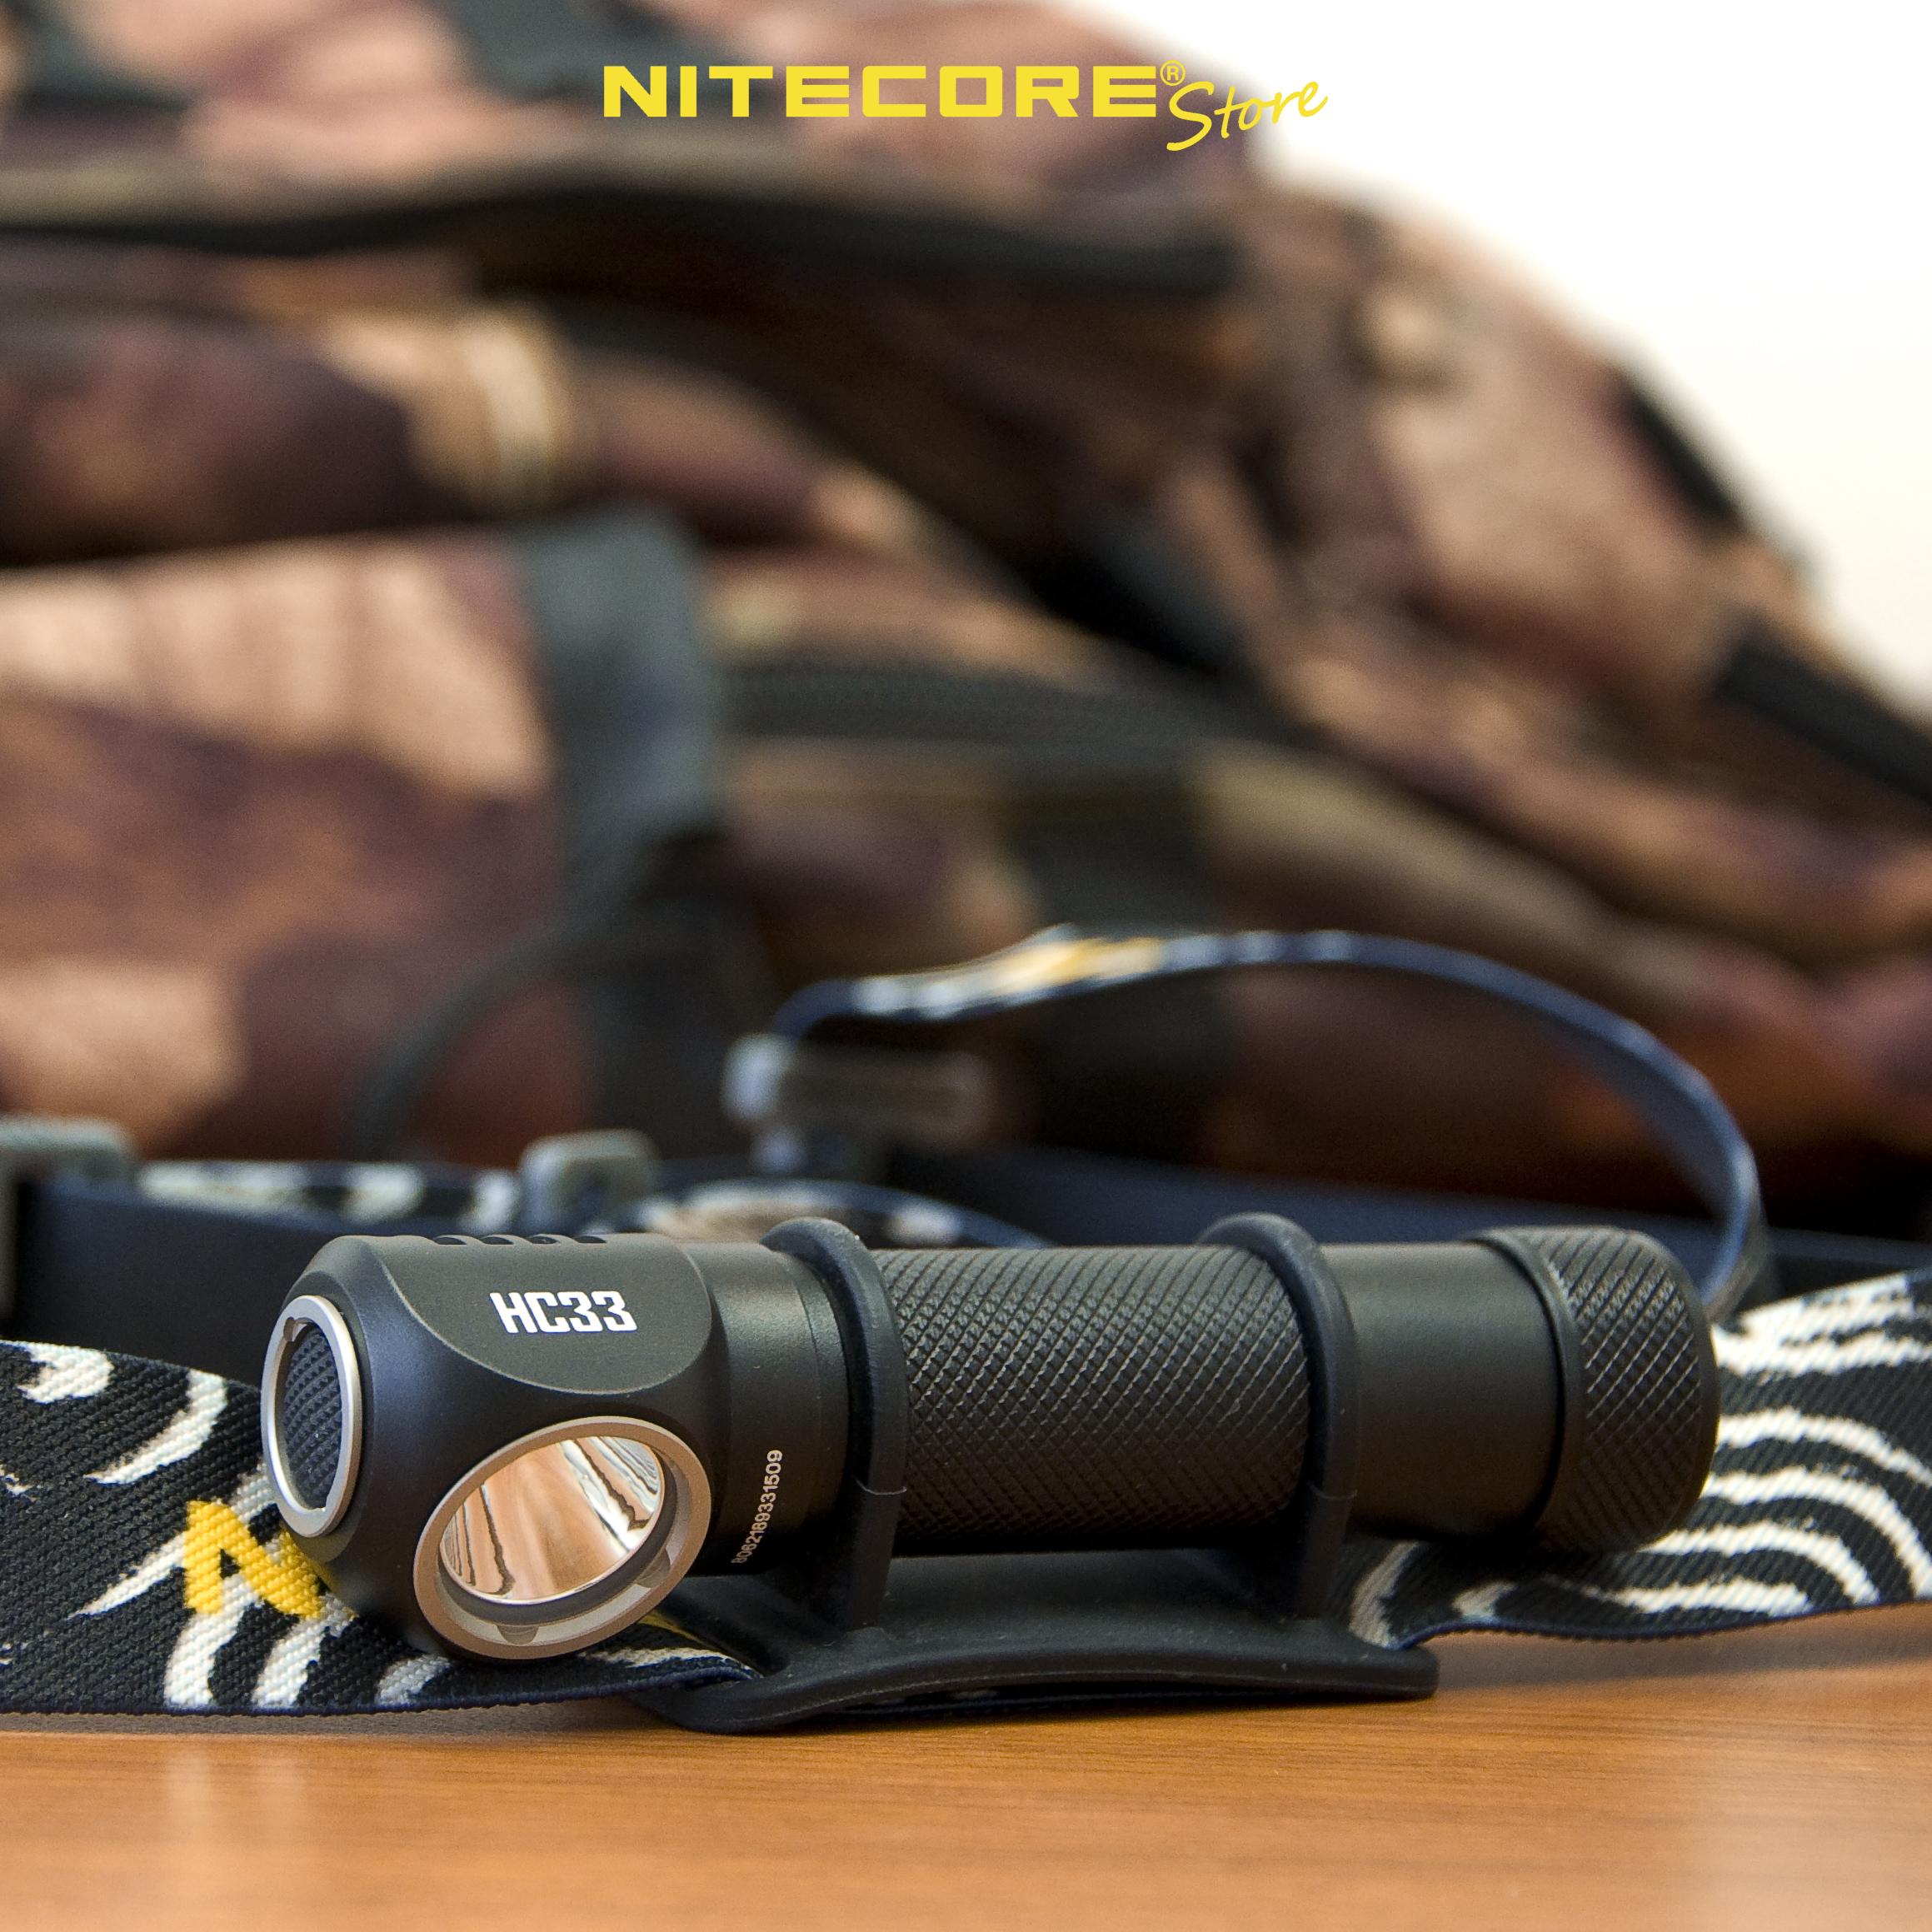 NITECORE HC33 headlamp with magnetic base